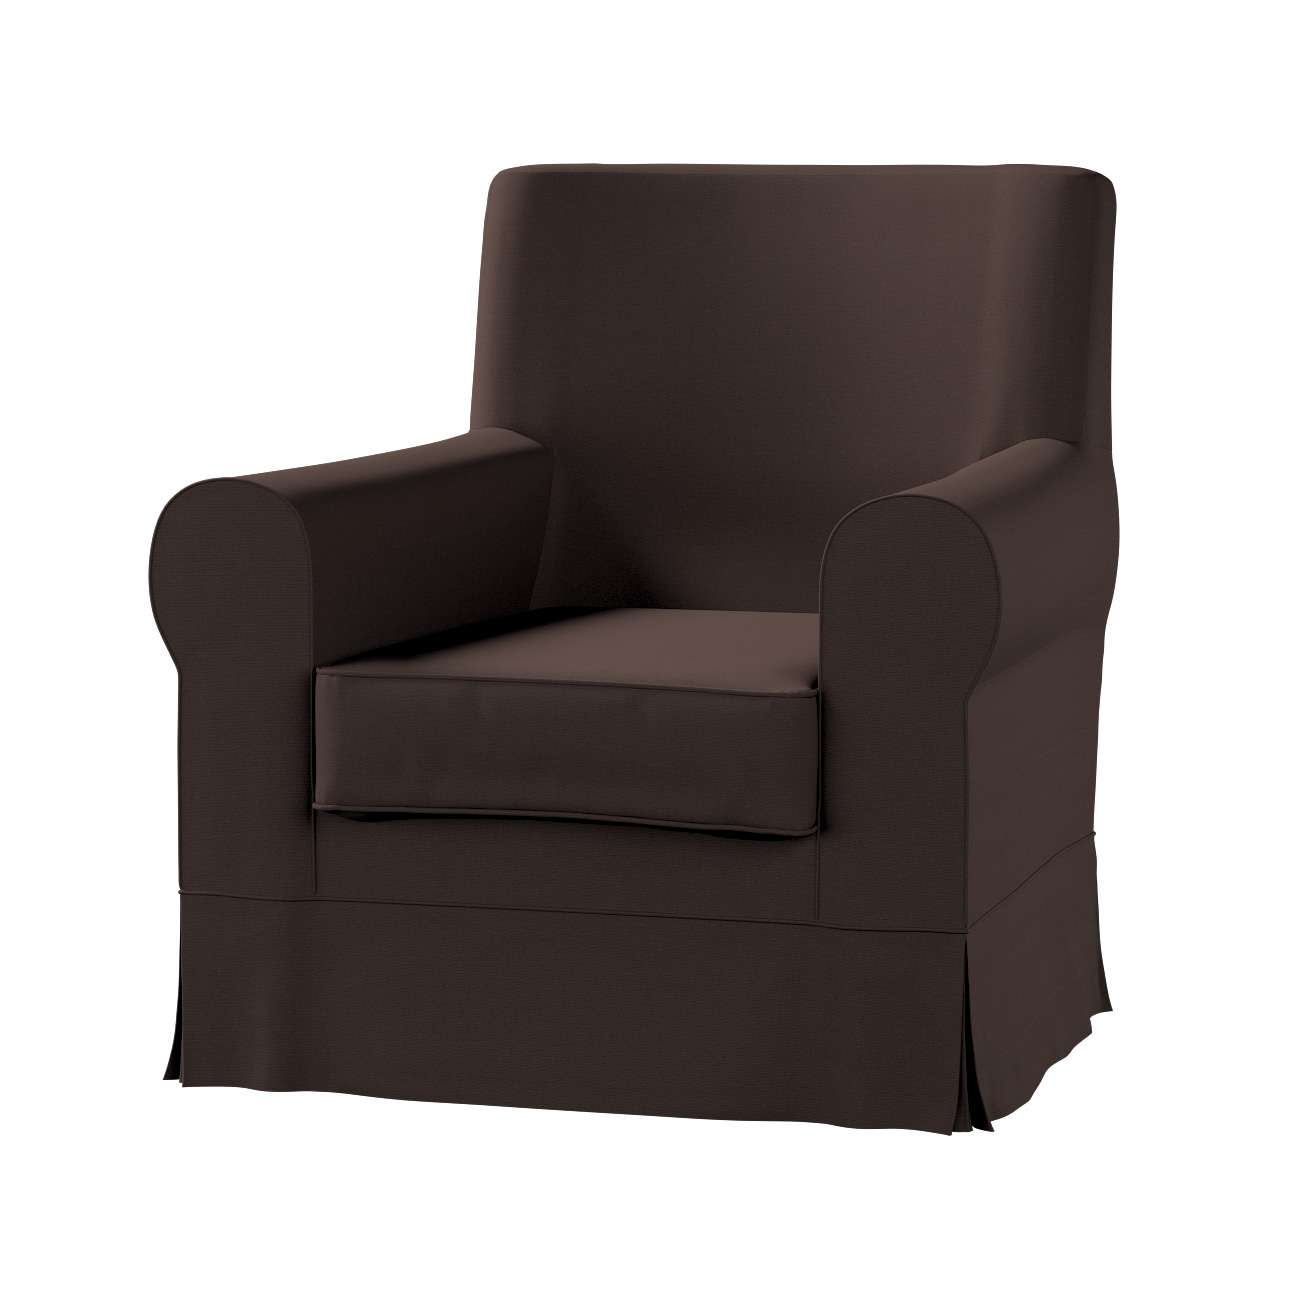 Pokrowiec na fotel Ektorp Jennylund Fotel Ektorp Jennylund w kolekcji Cotton Panama, tkanina: 702-03